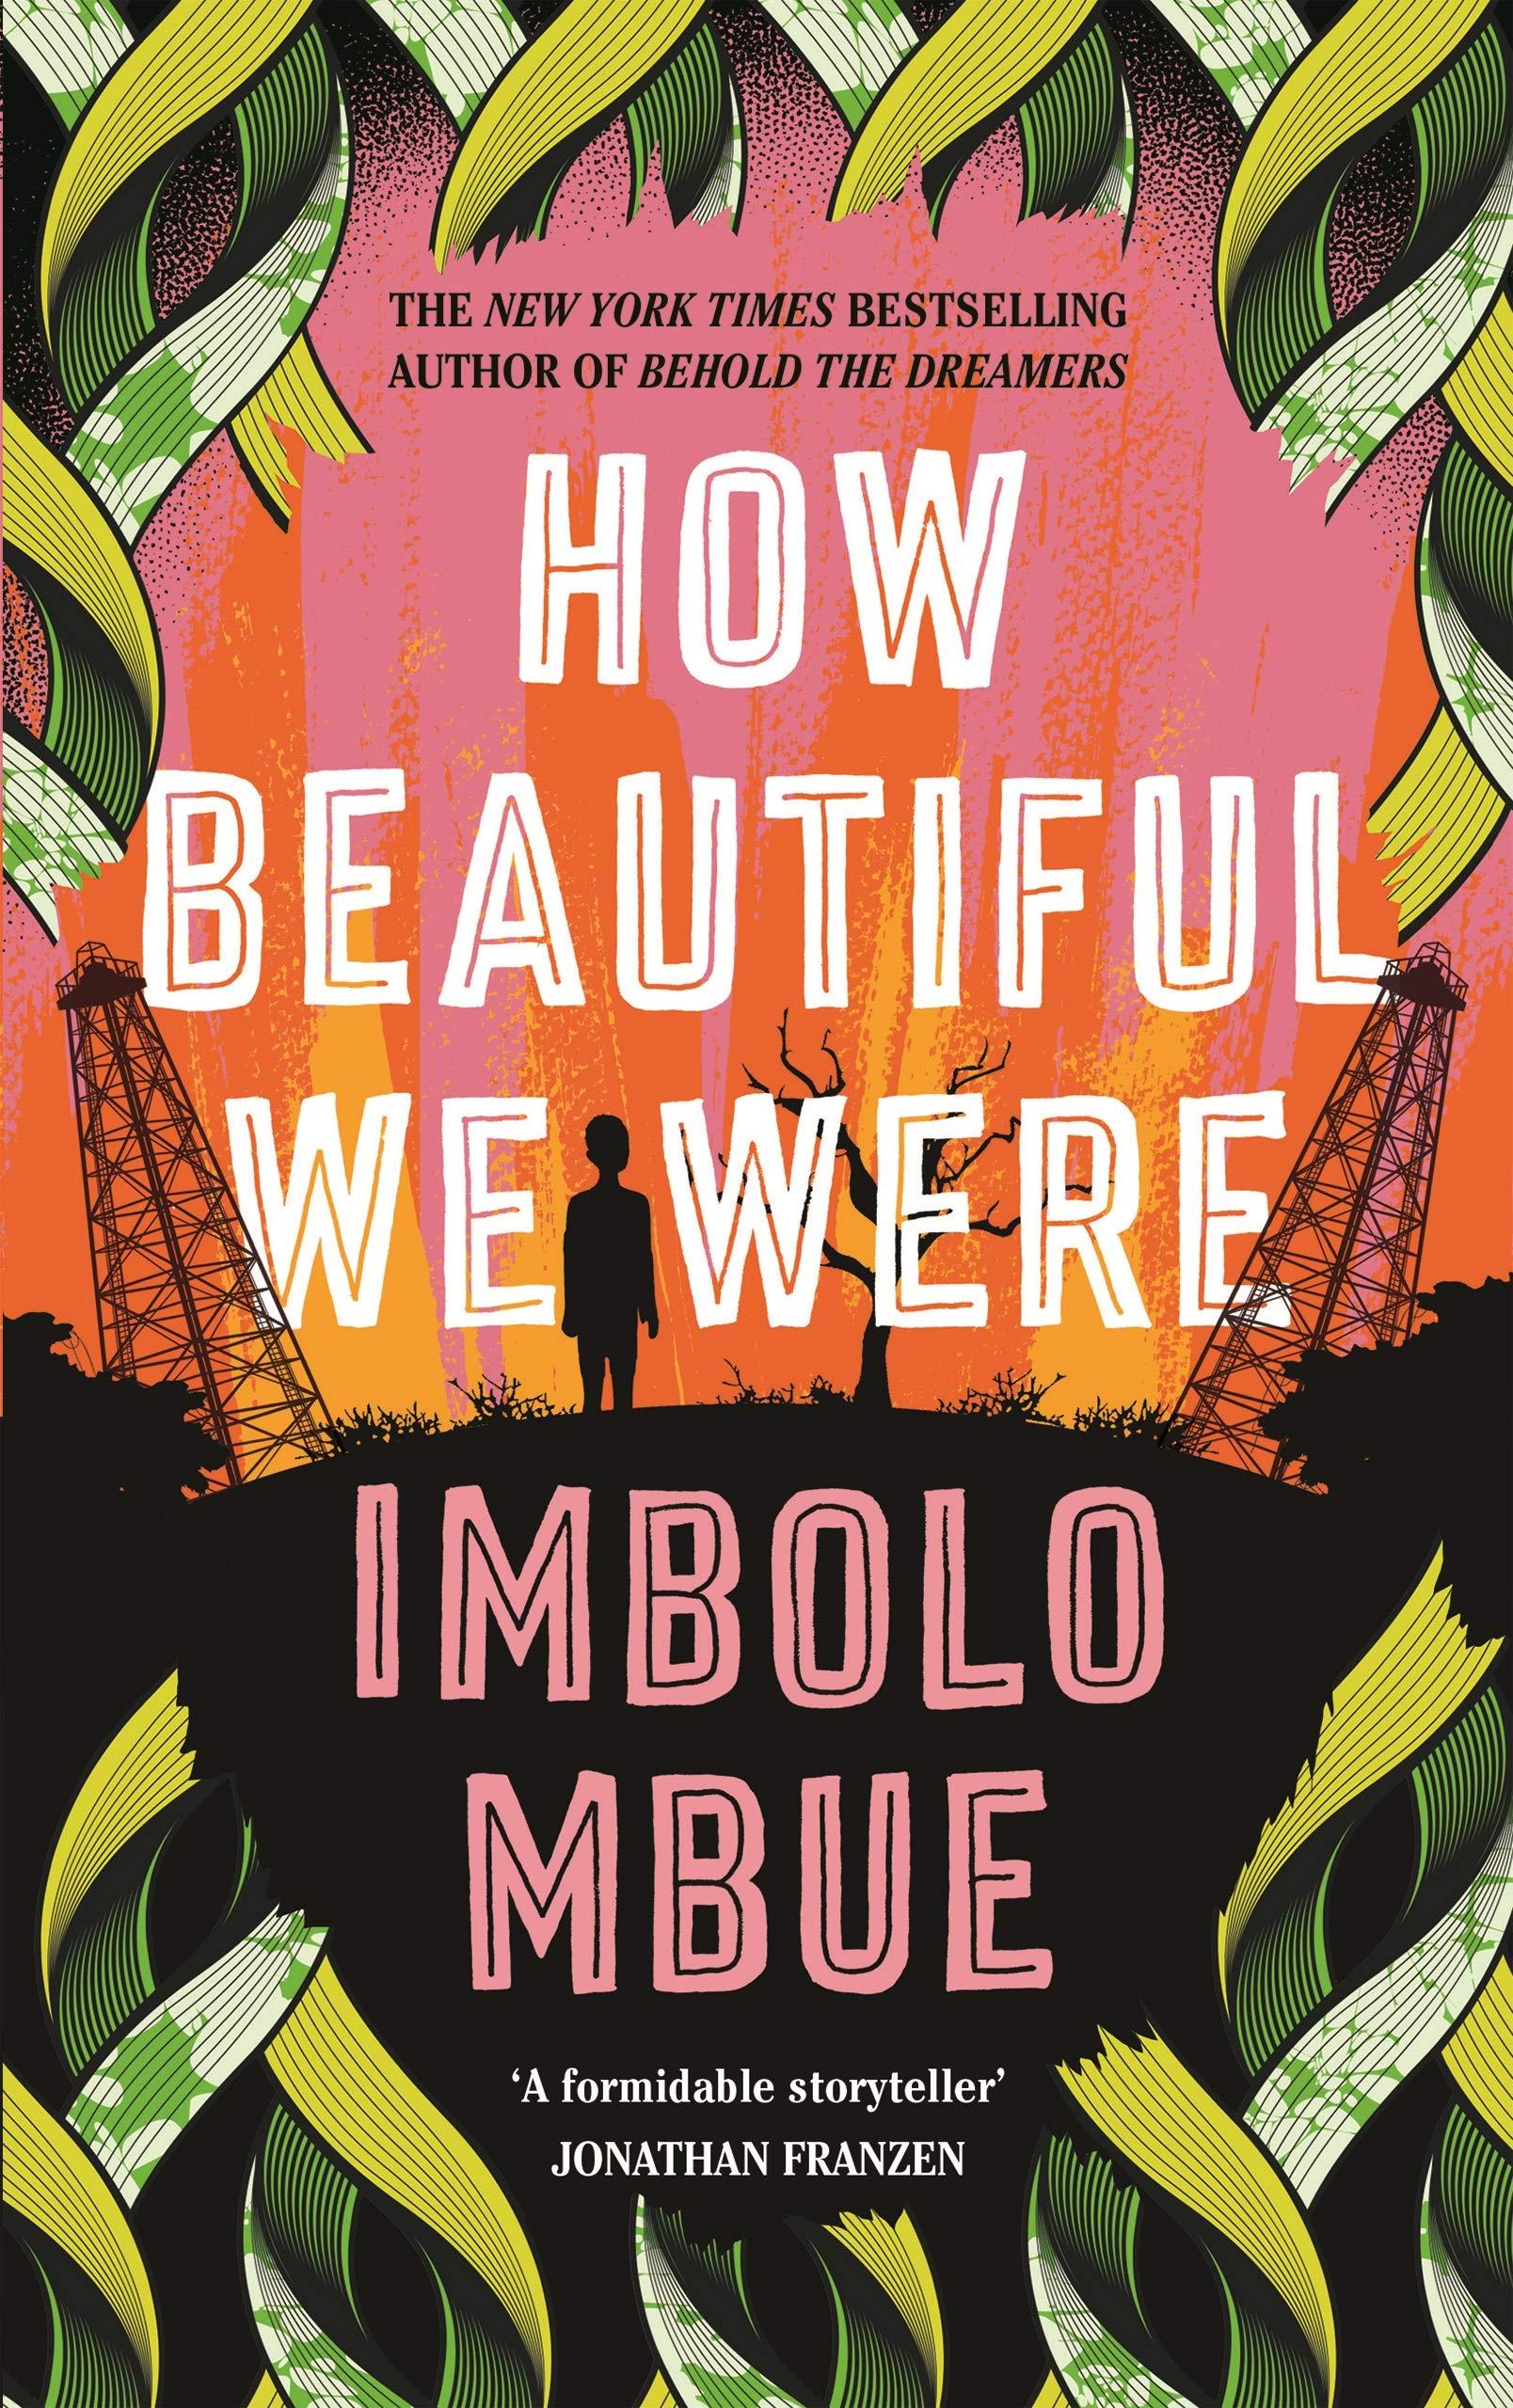 How Beautiful We Were: Amazon.co.uk: Mbue, Imbolo: 9781838851347: Books